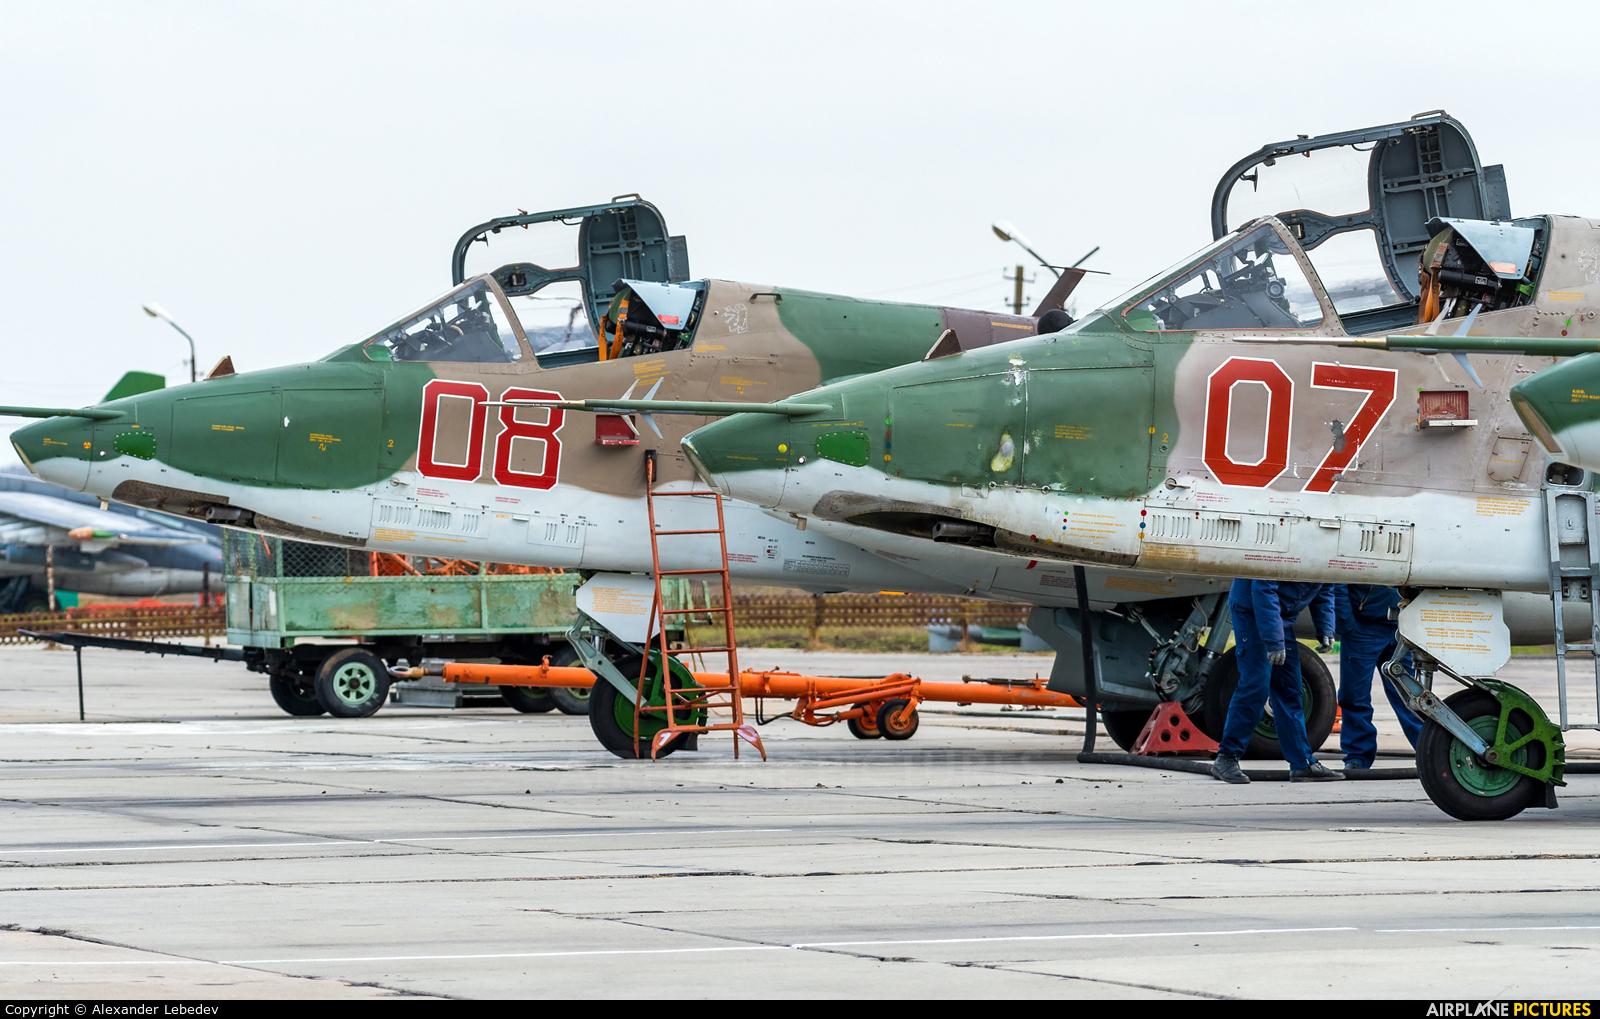 Russia - Air Force 07 aircraft at Primorsko-Akhtarsk